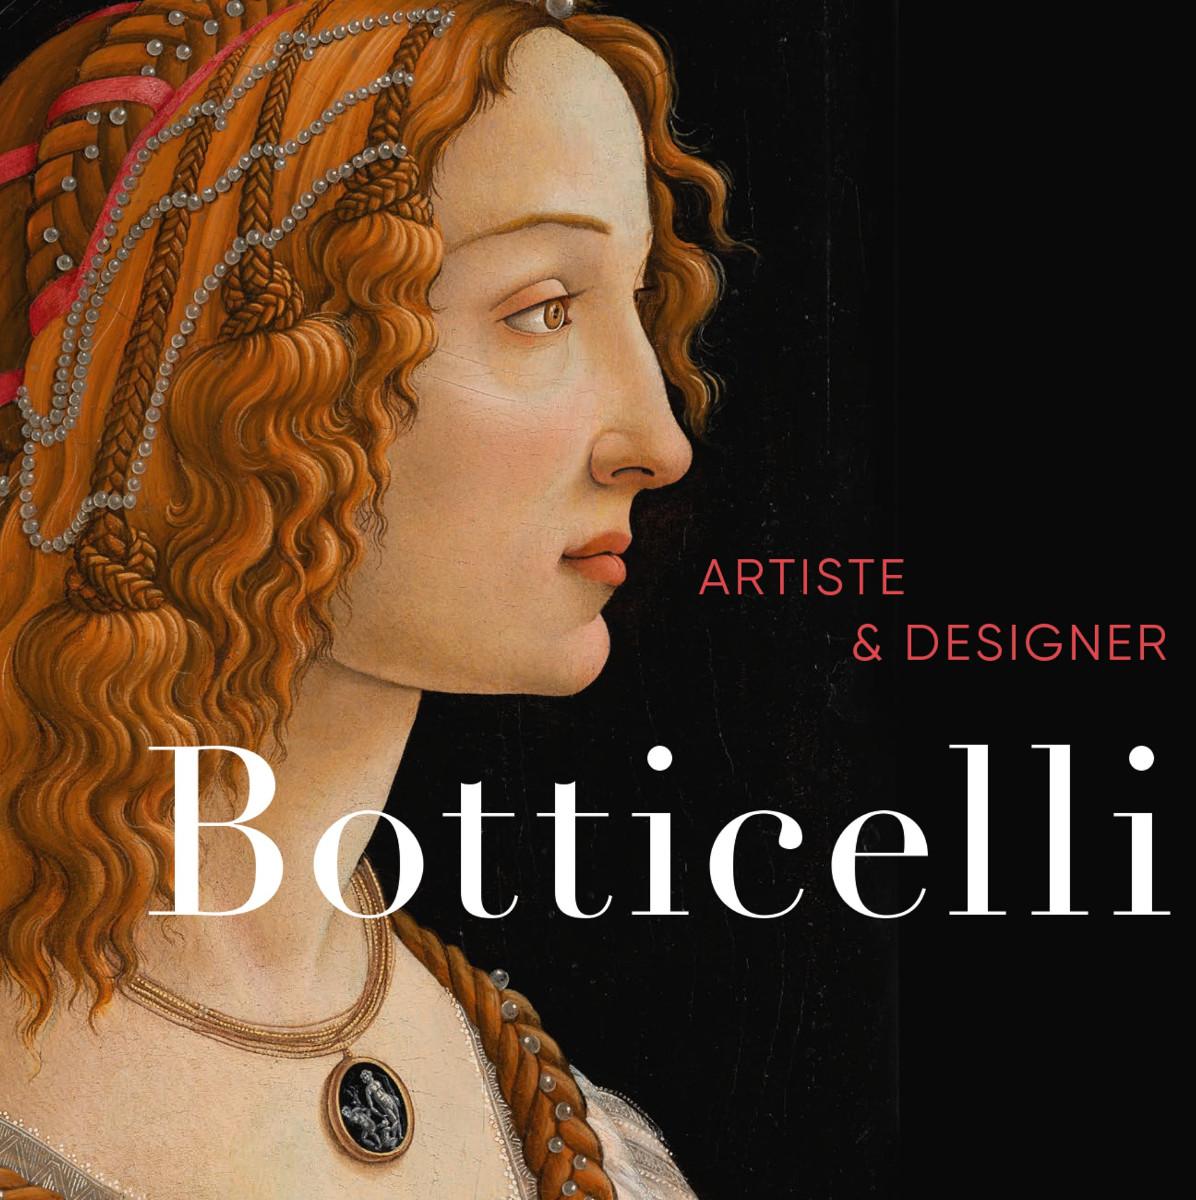 Botticelli Artiste et designer sur le site d'ARTactif